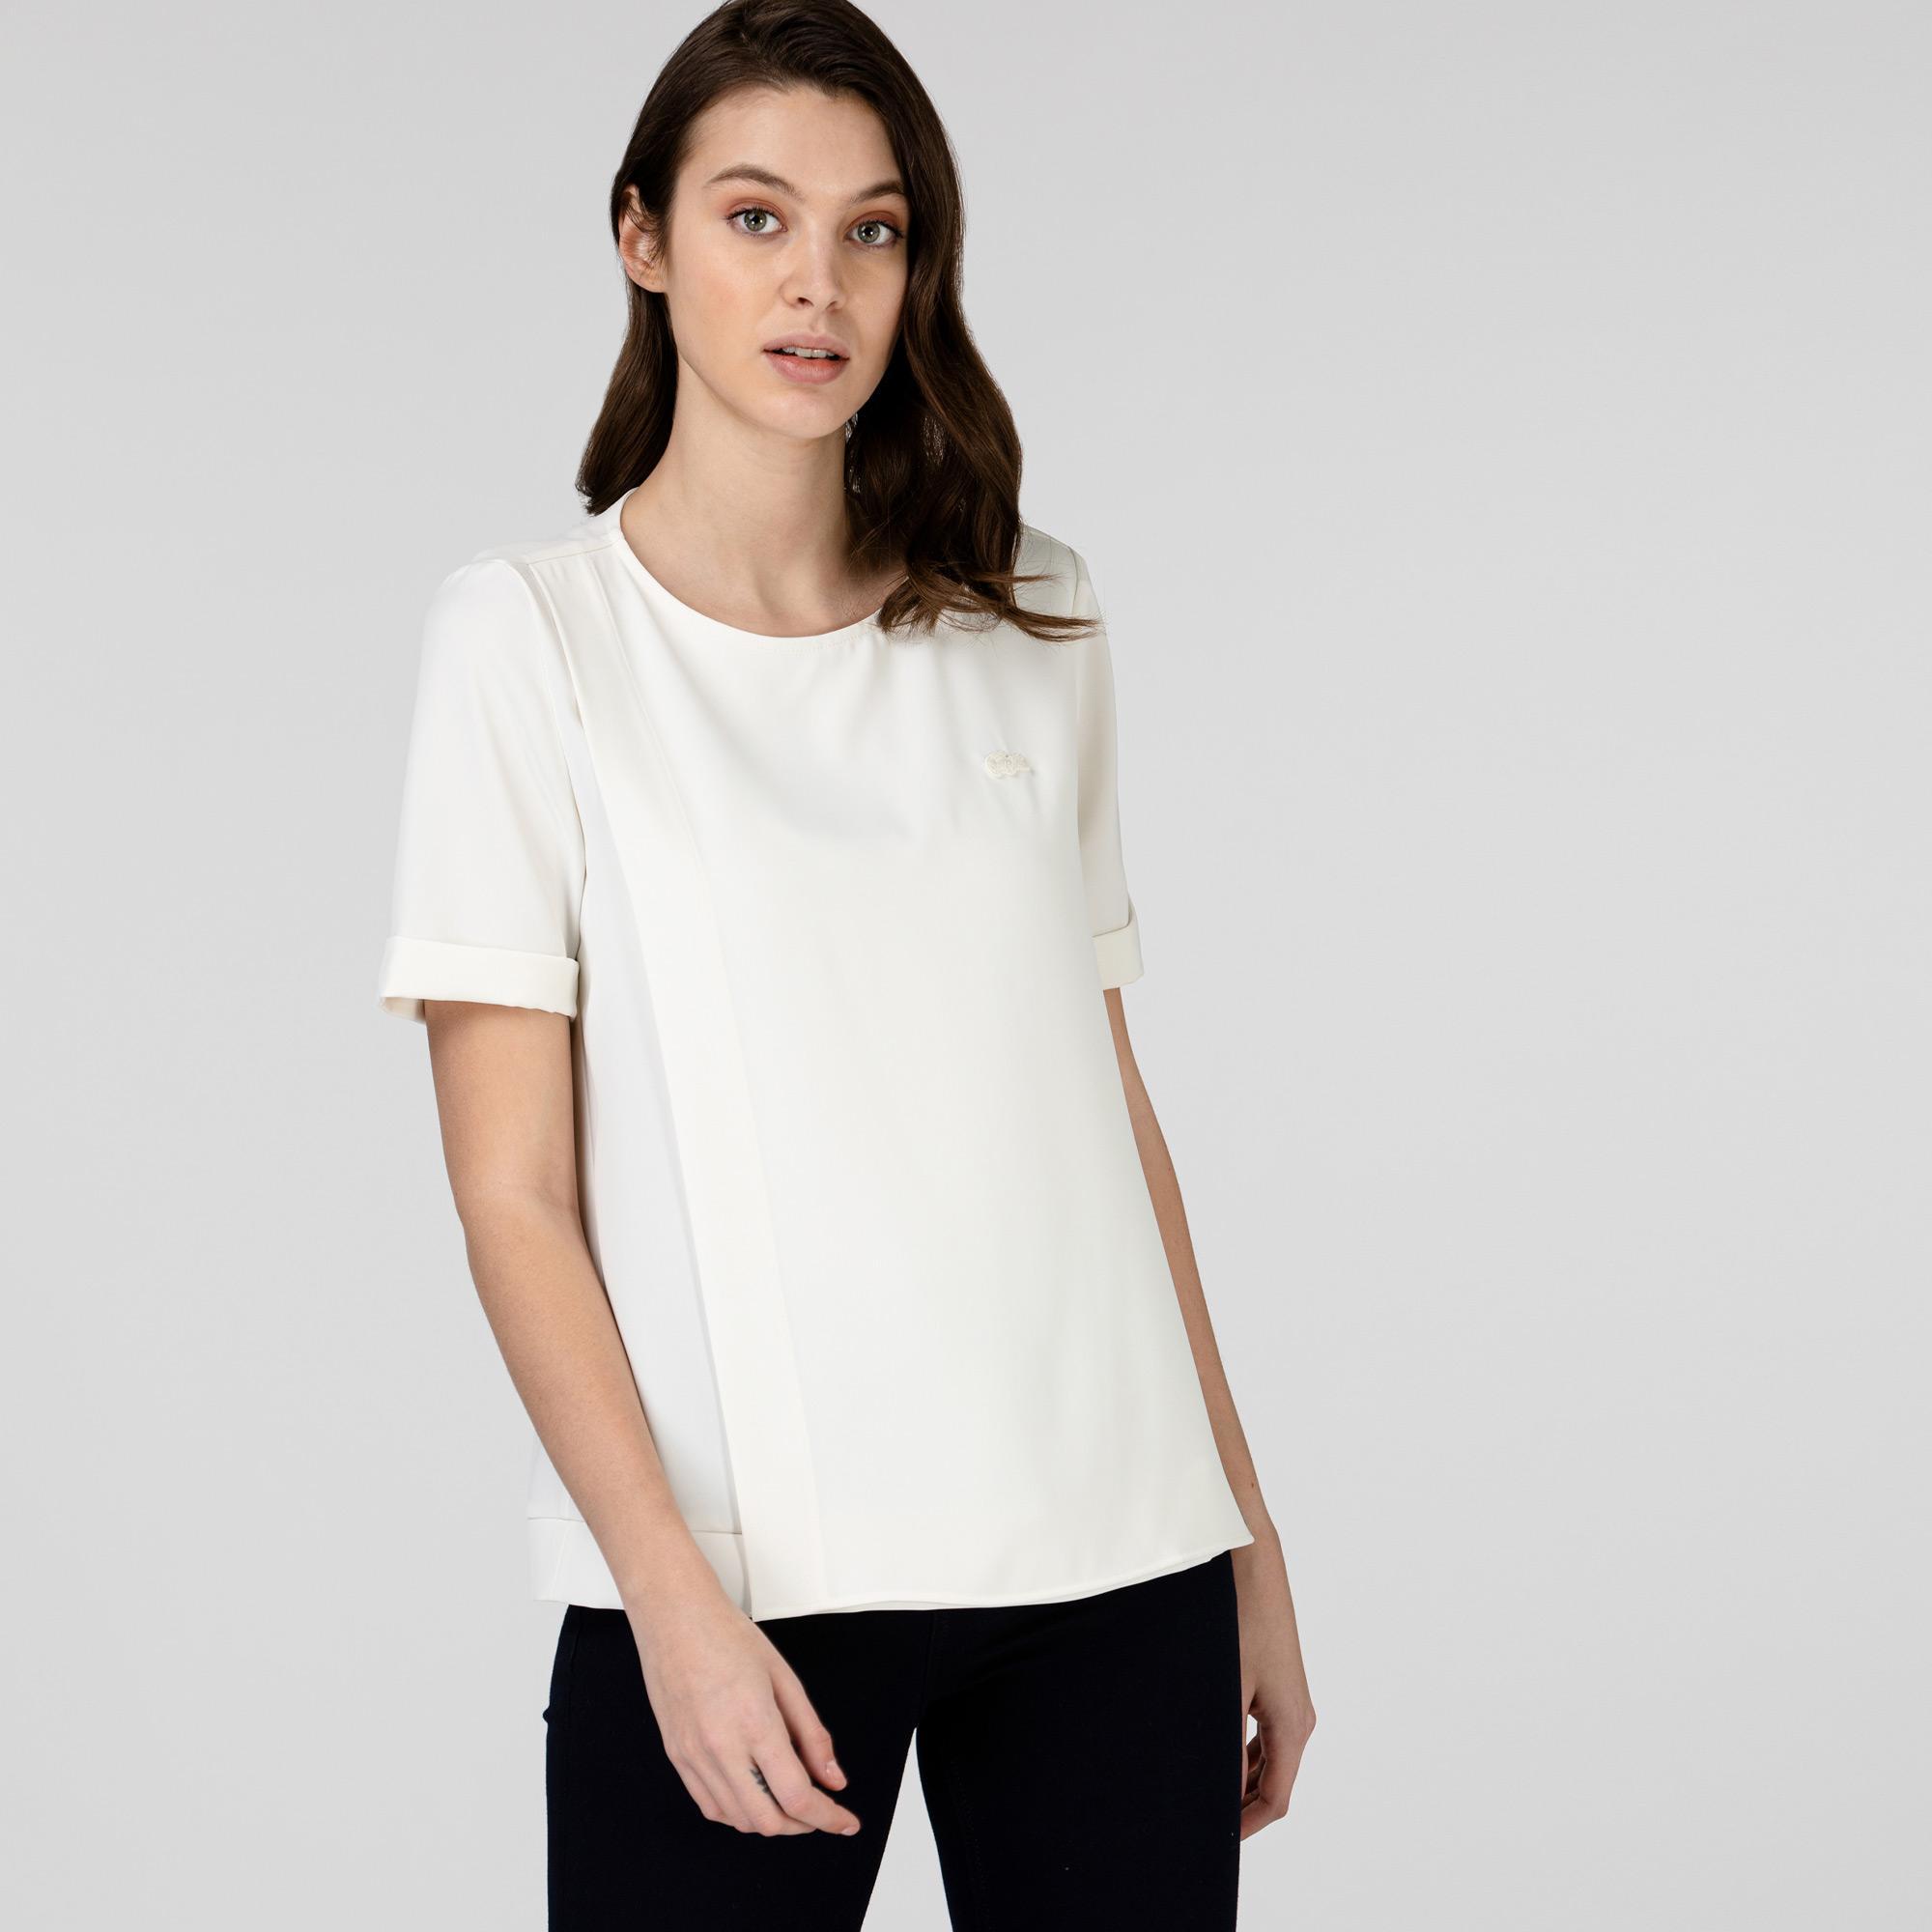 Lacoste Kadın Kısa Kollu Bisiklet Yaka Beyaz Bluz